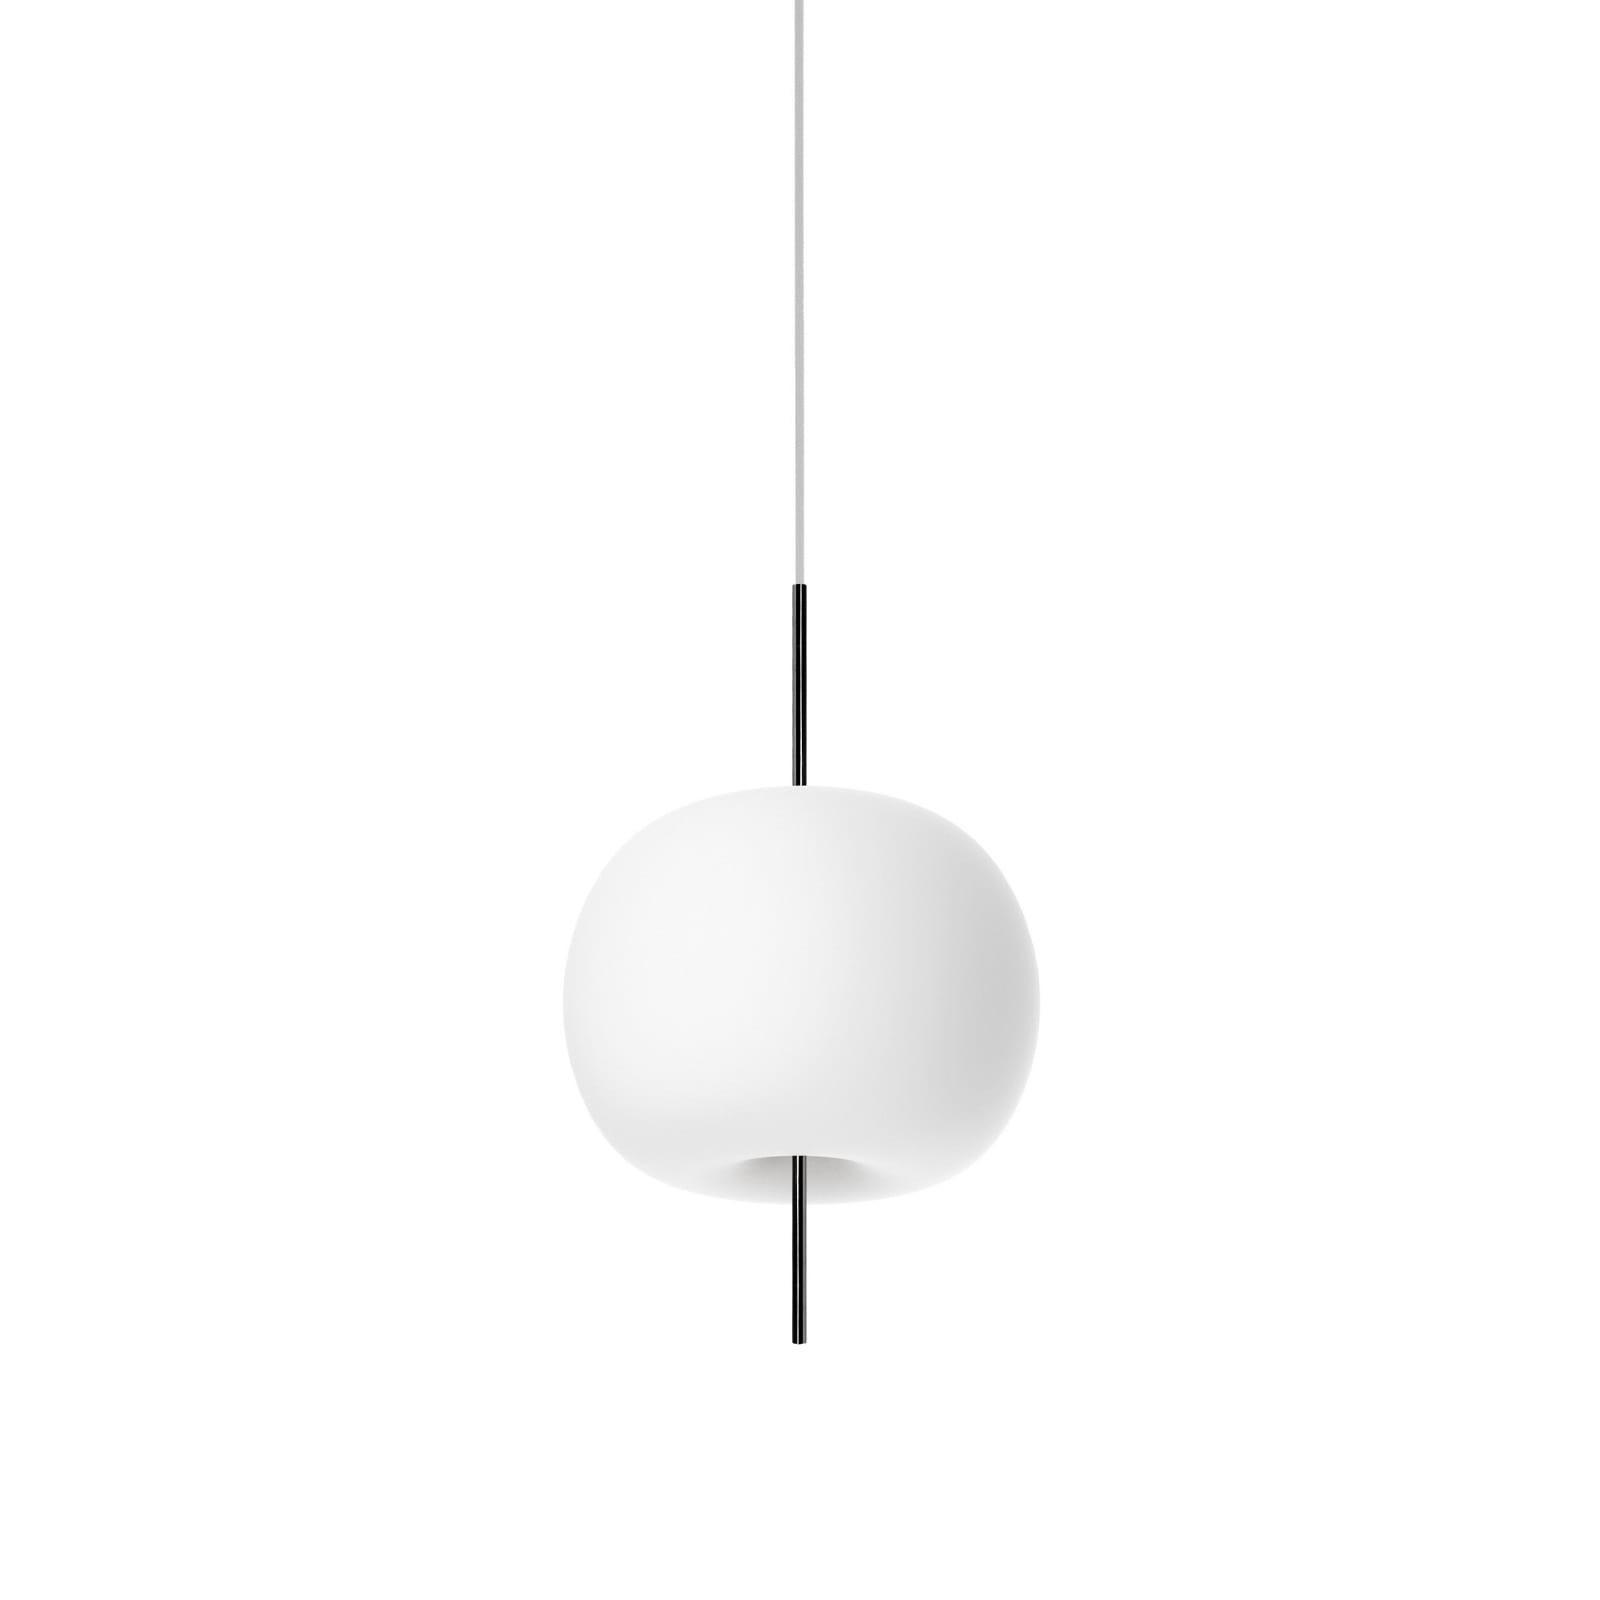 Κρεμαστό Φωτιστικό Οροφής Kushi 16 LED (Μαύρο) - Kundalini